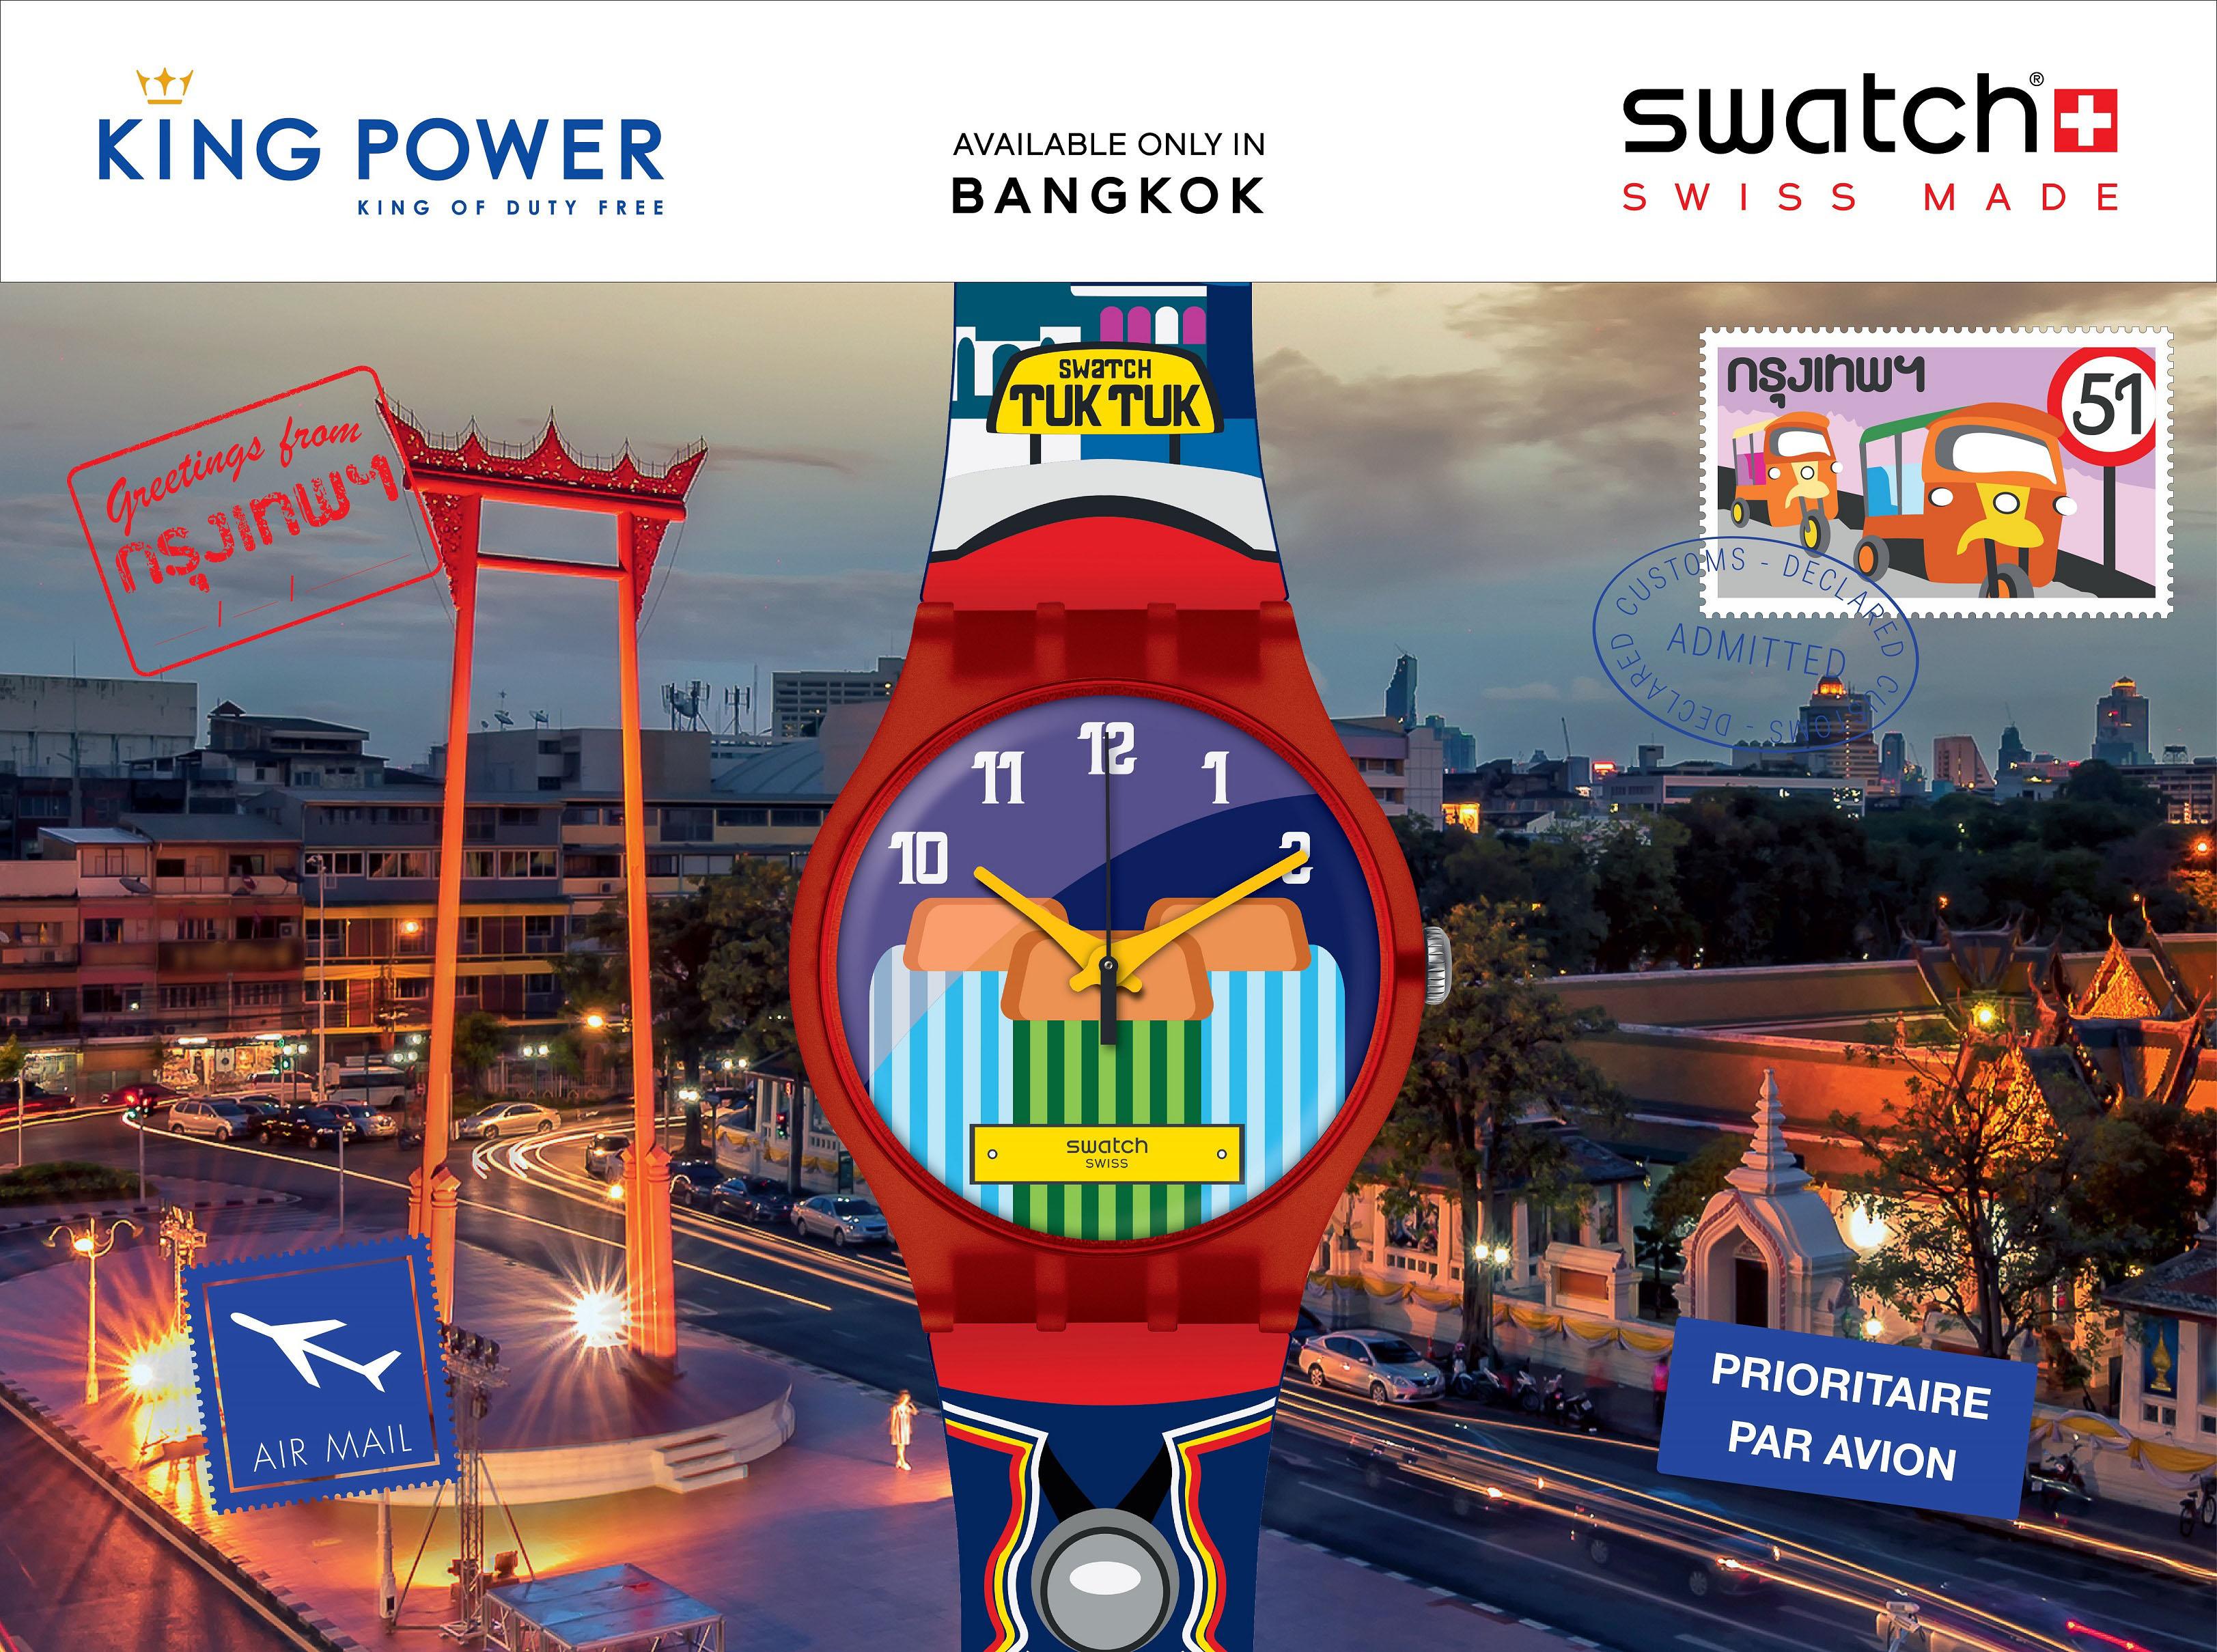 คิง เพาเวอร์ ชวนช็อปนาฬิกาสวอท์ชก่อนใคร เติมสีสันและความสนุกแห่งกรุงเทพฯ  มาสู่ข้อมือคุณ กับนาฬิการุ่นพิเศษ Swatch TUK-TUK น่ารัก น่าสะสม